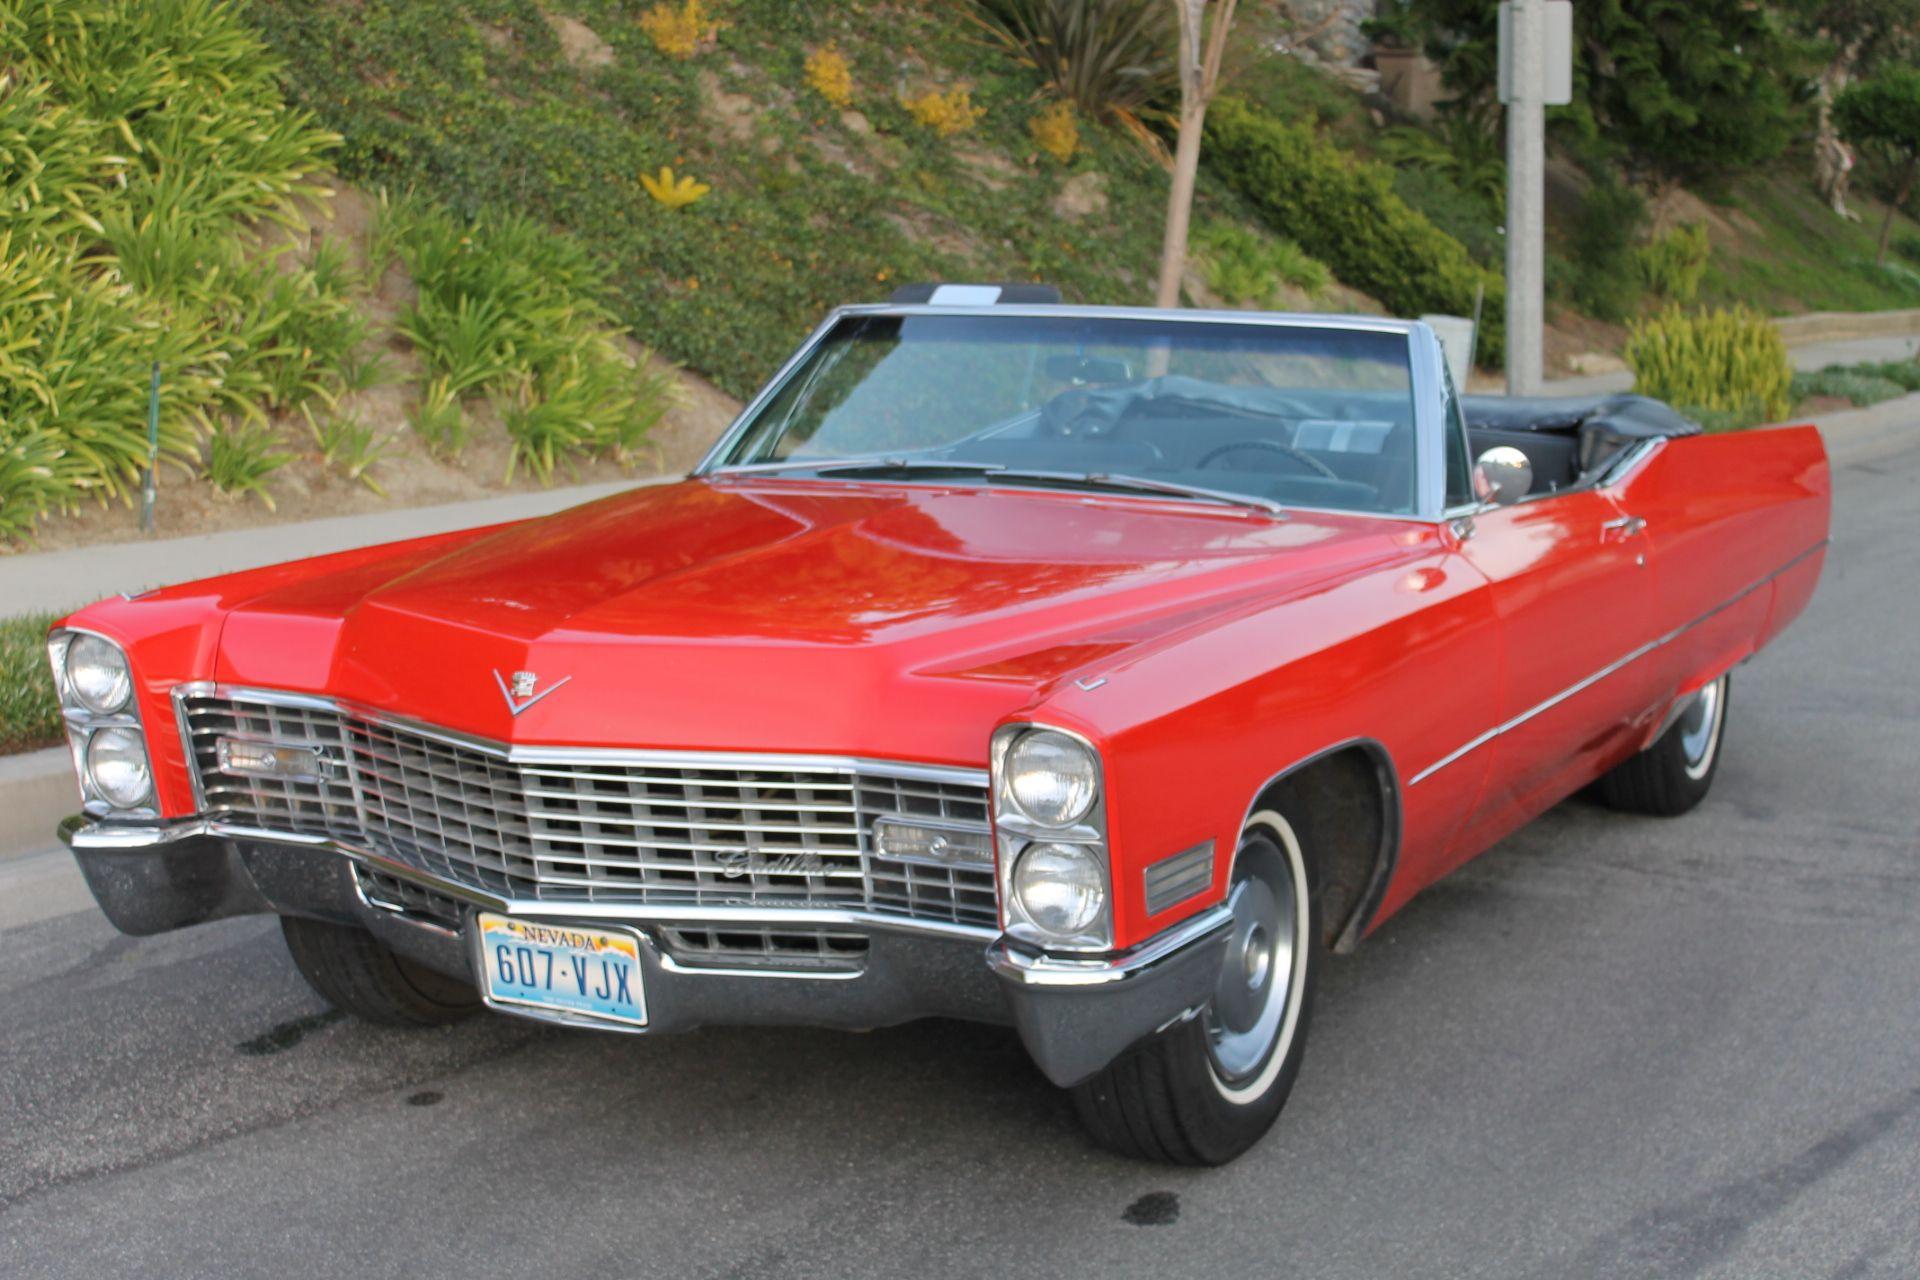 1967 cadillac deville convertible cadillac 1965 1967 pinterest cadillac convertible and cars